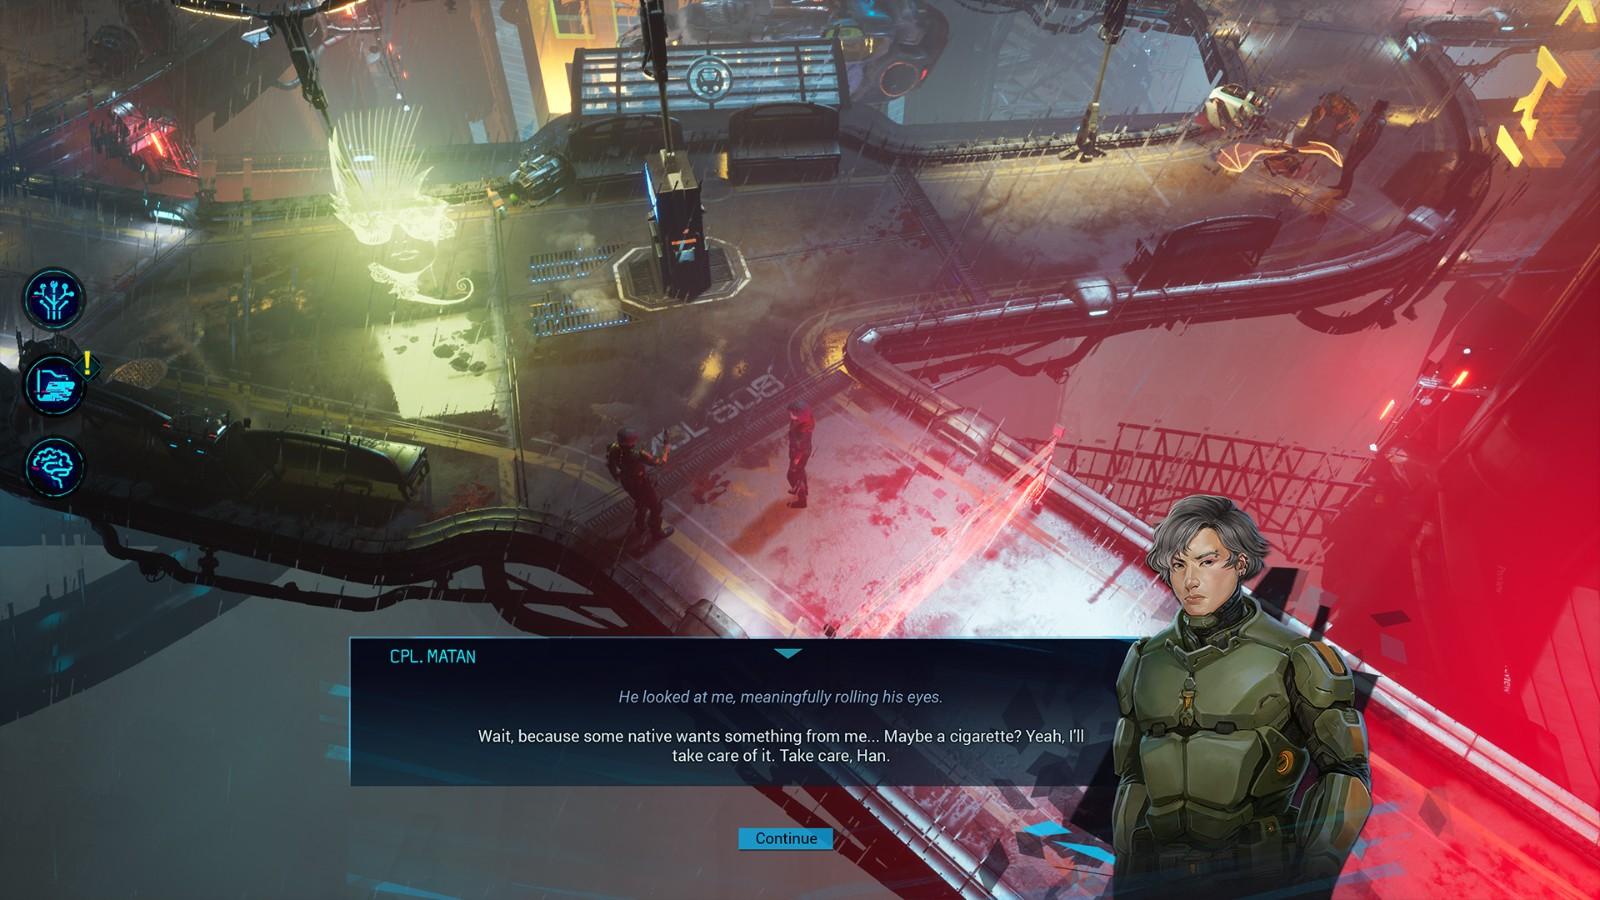 《骇游侠探》剧情分支预告 玩家抉择改变游戏进程